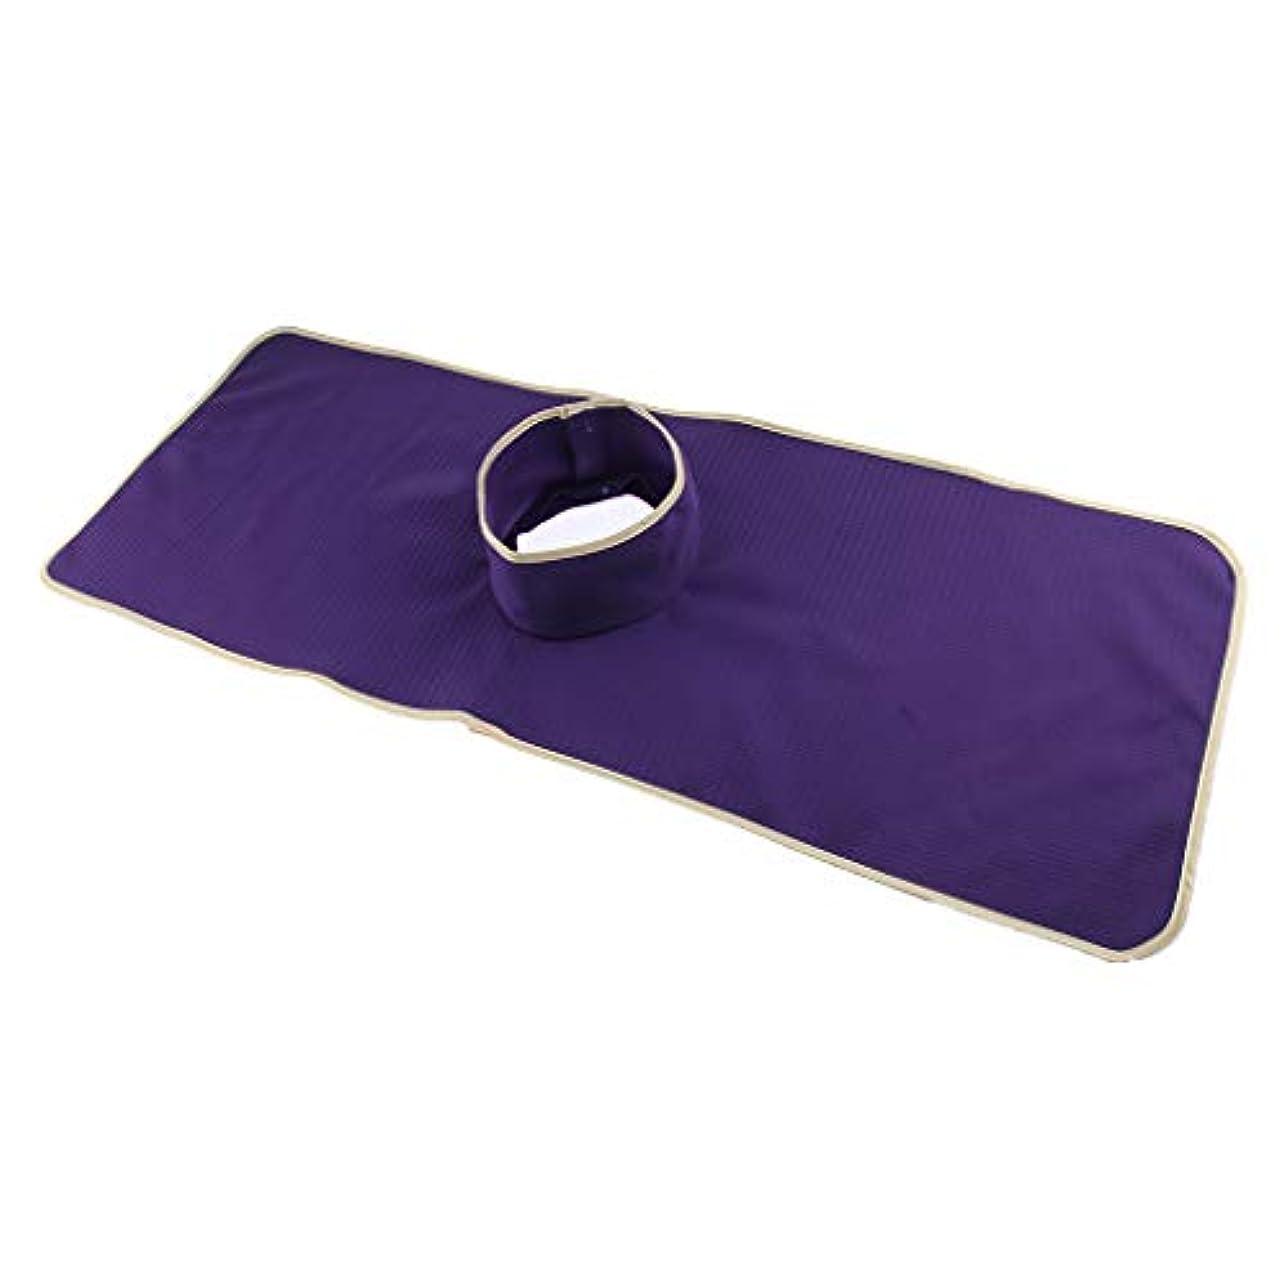 ネクタイプラカードパーティー洗える指圧マッサージベッドタトゥーテーブルシートパッドマットフェイスホールカバー - 紫